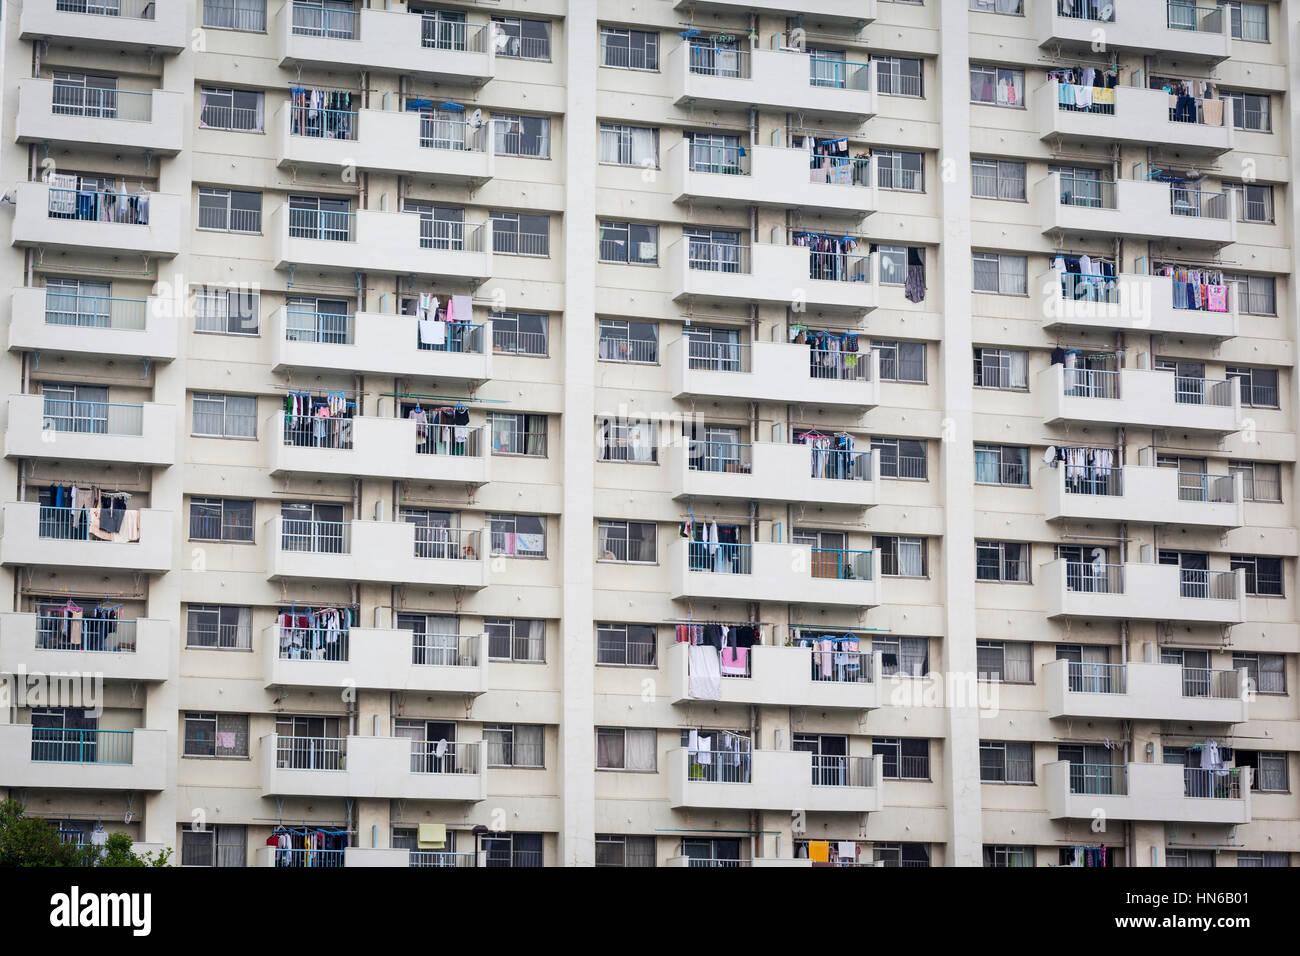 TOKYO- 25 mai: une tour résidentielle de base, bloc dans le quartier de Tsukiji de Tokyo le 25 mai 2012. Photo Stock